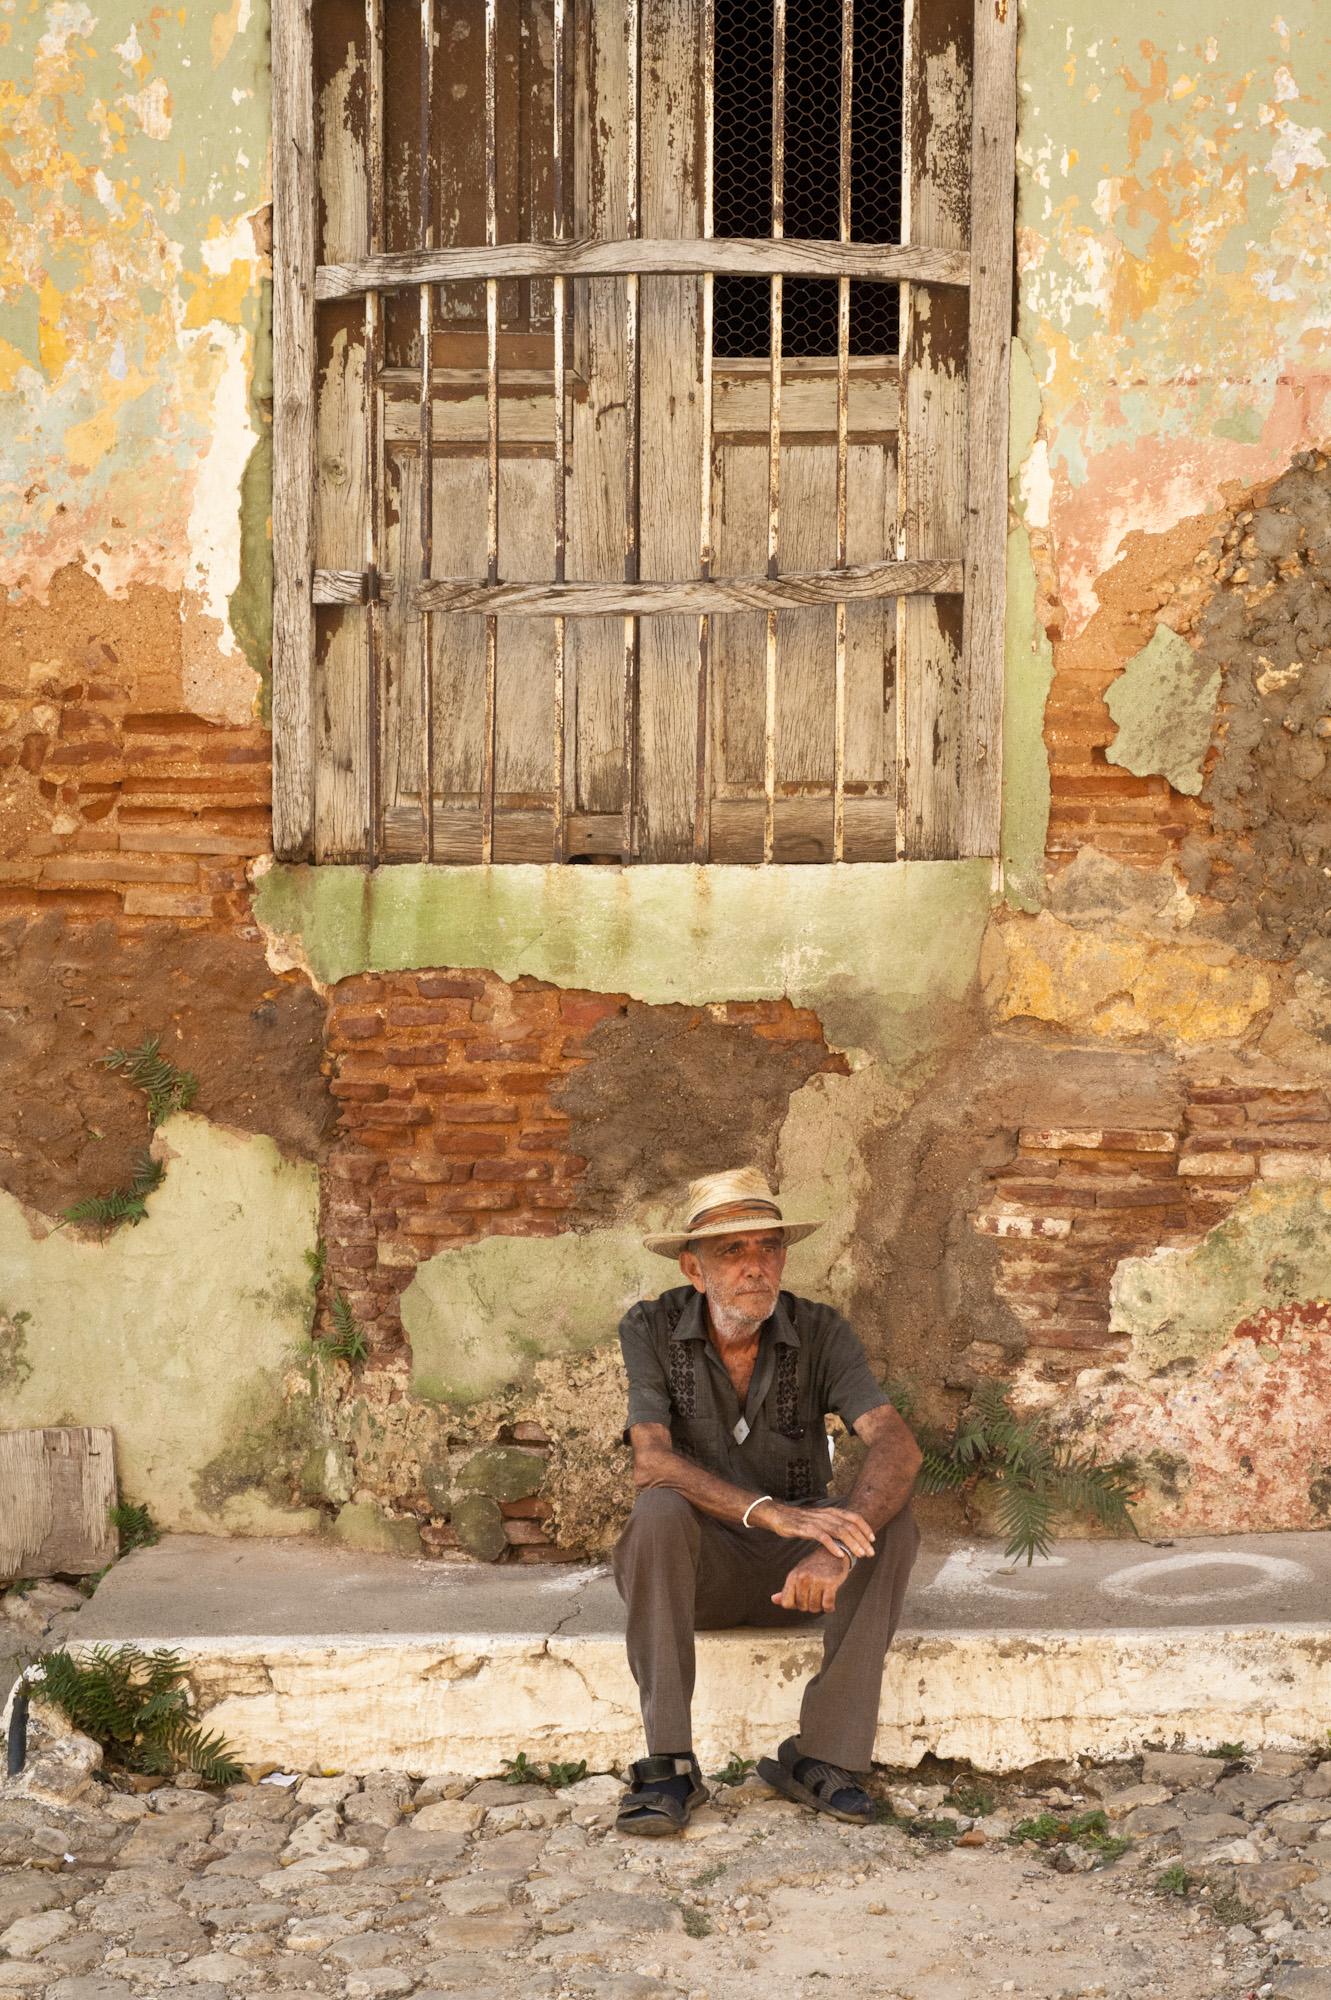 Dede_Cuba 2011 - Favorites-160.jpg